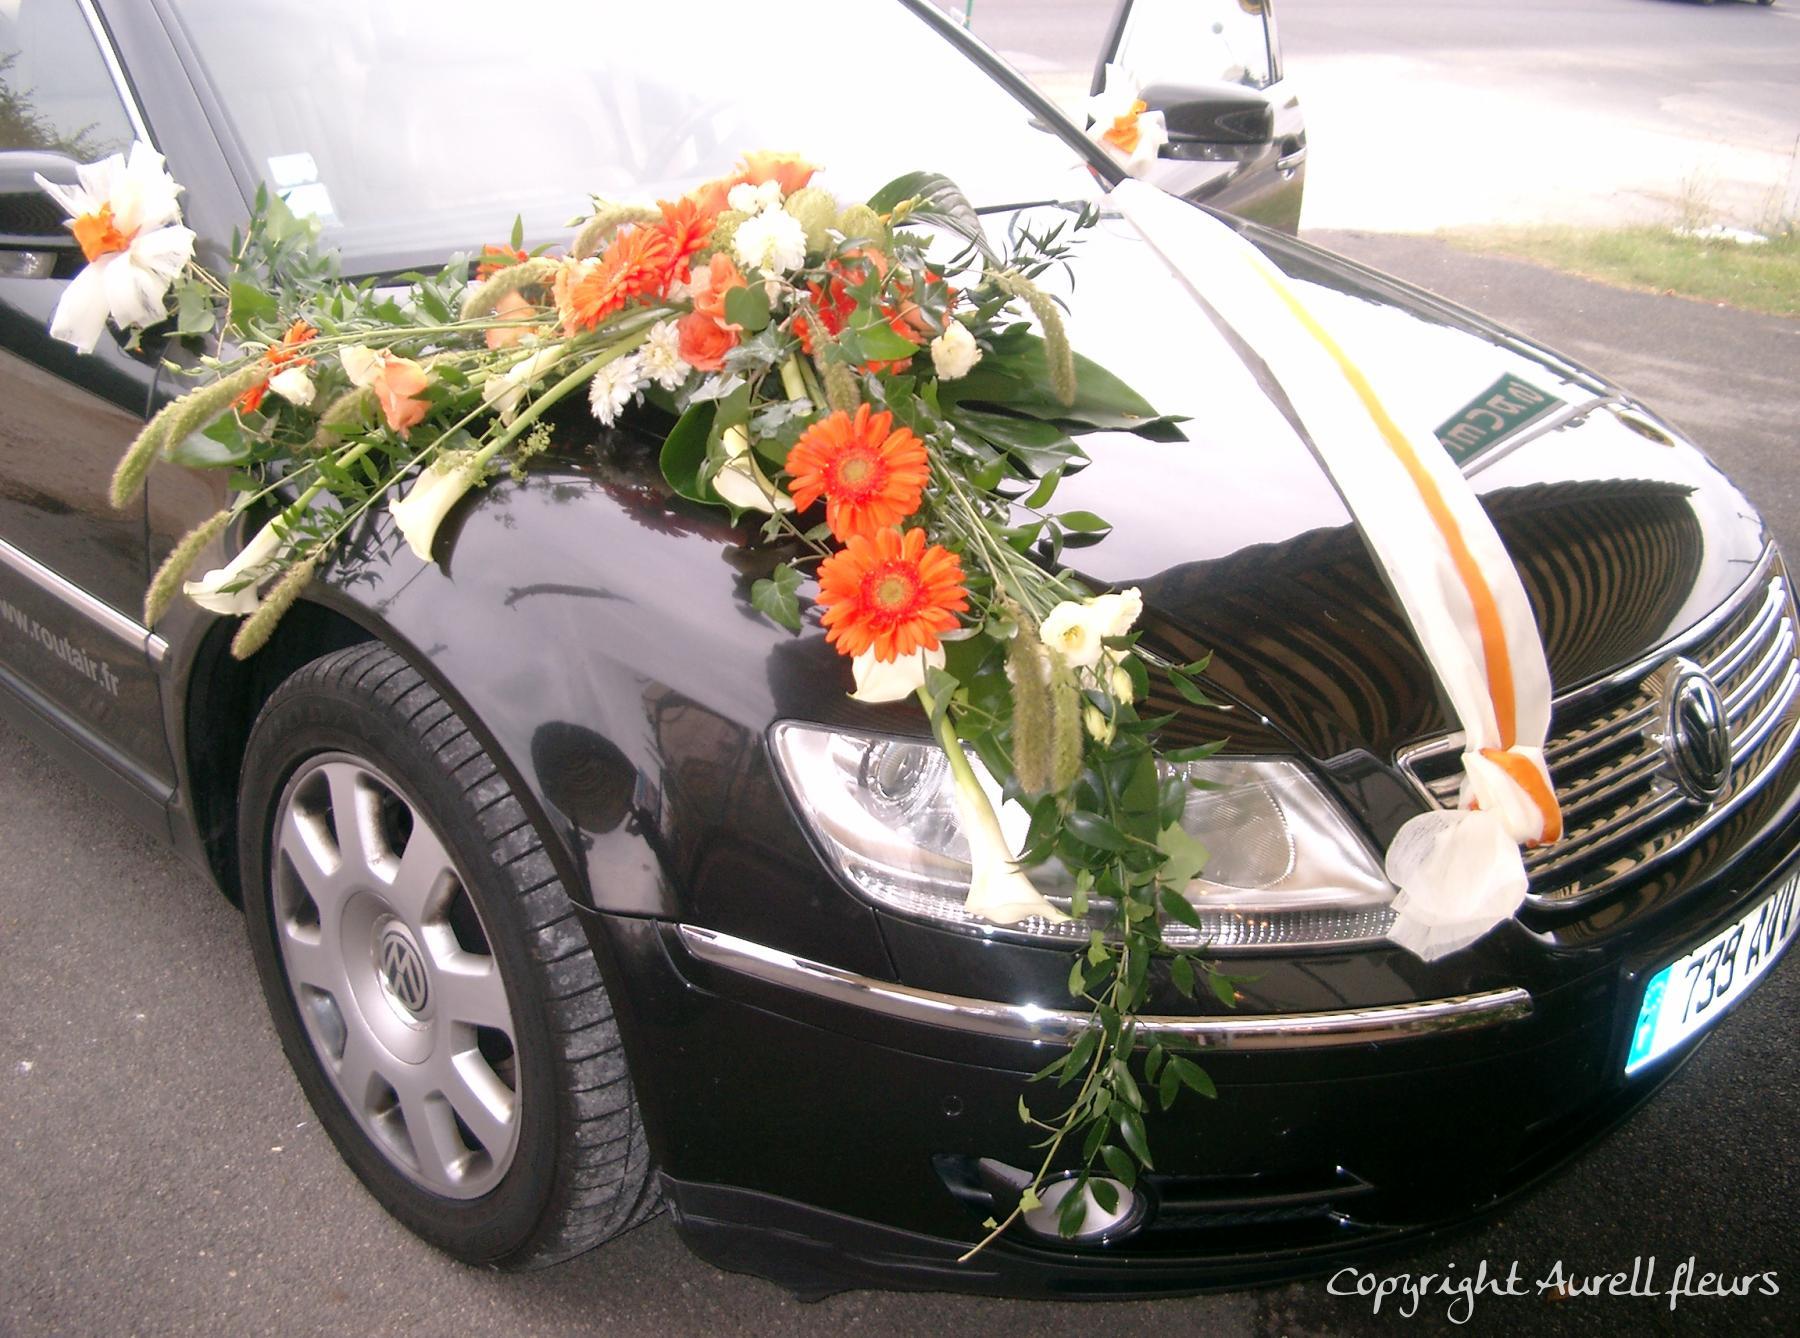 voiture capot avant 7 à Saint-Jean-de-Braye | Aurell fleurs